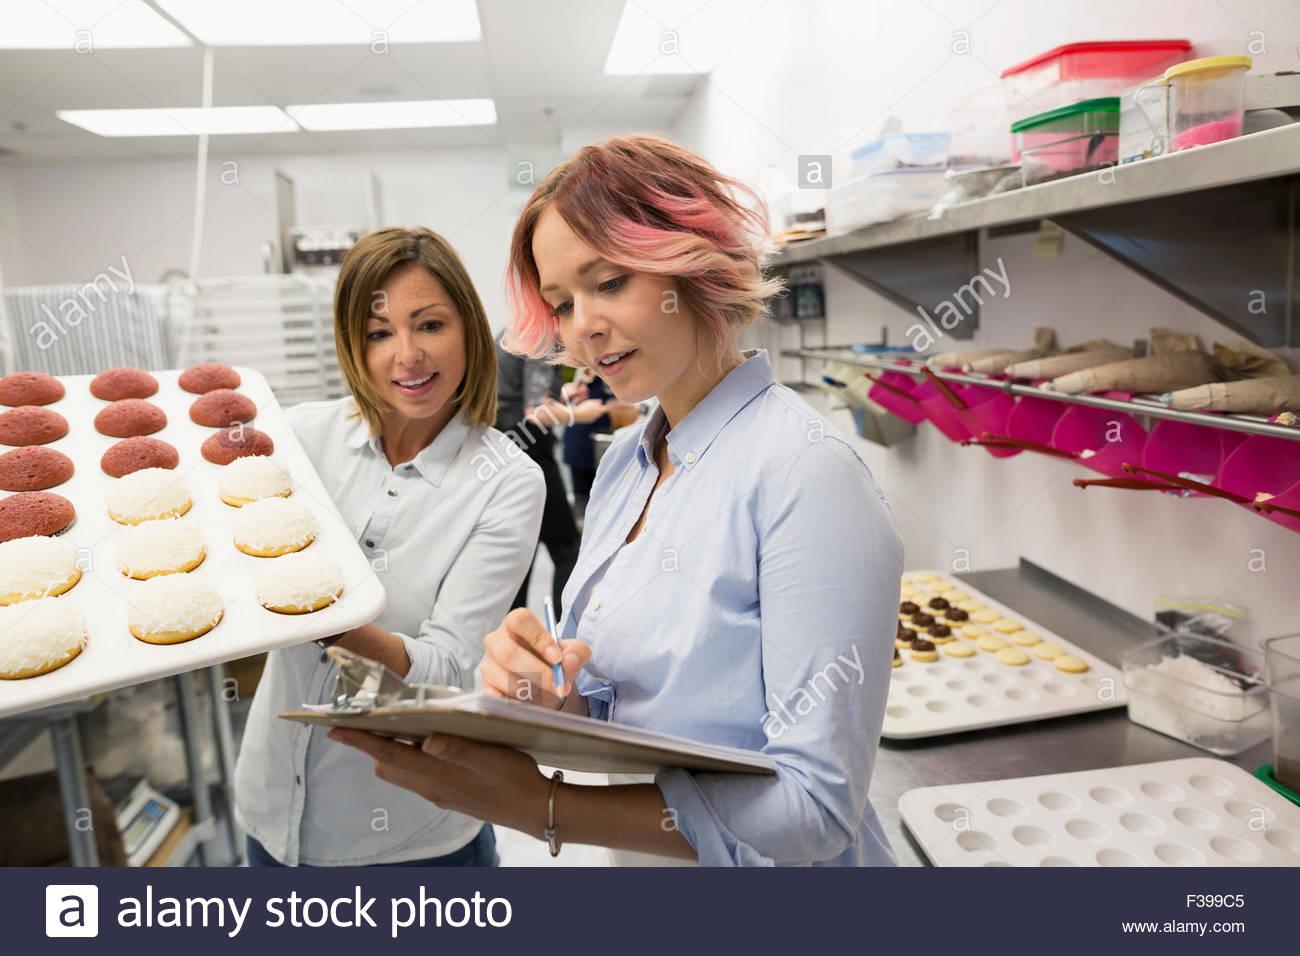 Pasteleros con pastelitos y portapapeles cocina comercial Imagen De Stock